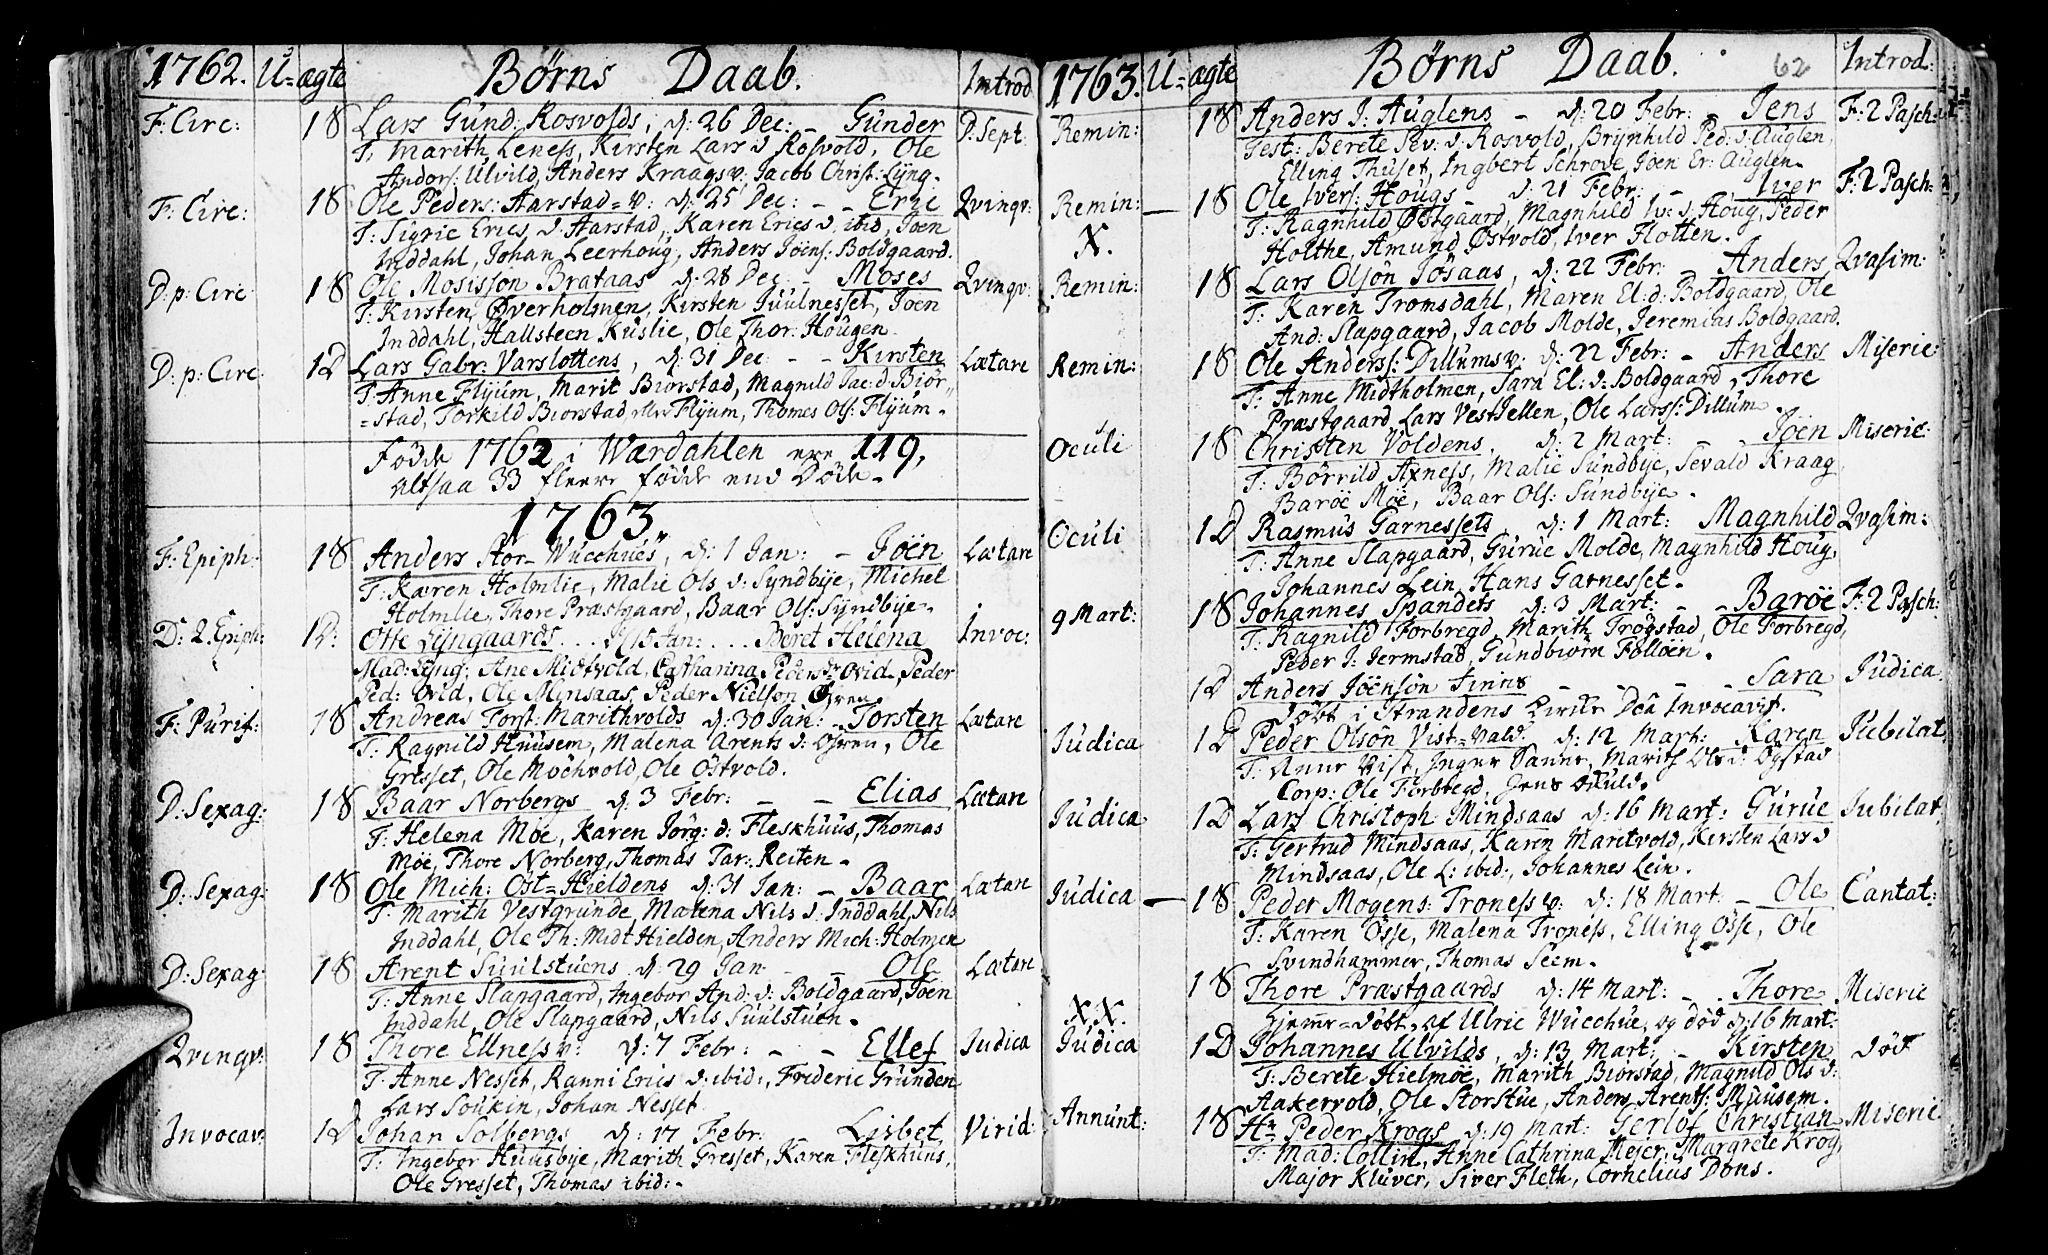 SAT, Ministerialprotokoller, klokkerbøker og fødselsregistre - Nord-Trøndelag, 723/L0231: Ministerialbok nr. 723A02, 1748-1780, s. 62